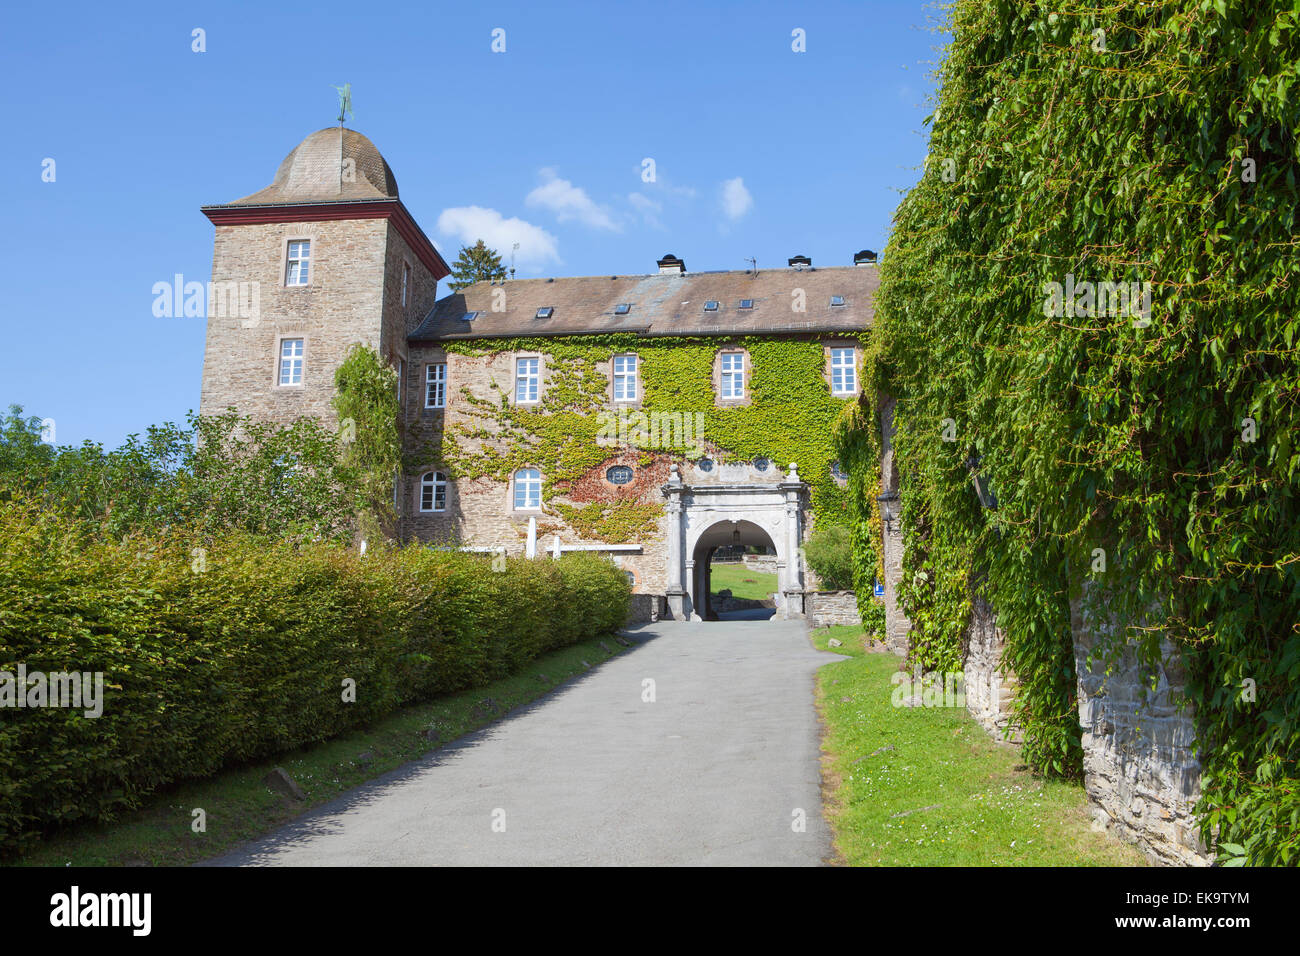 Burg Schnellenberg Castle, Hanseatic City of Attendorn, Sauerland region, North Rhine-Westphalia, Germany, Europe Stock Photo